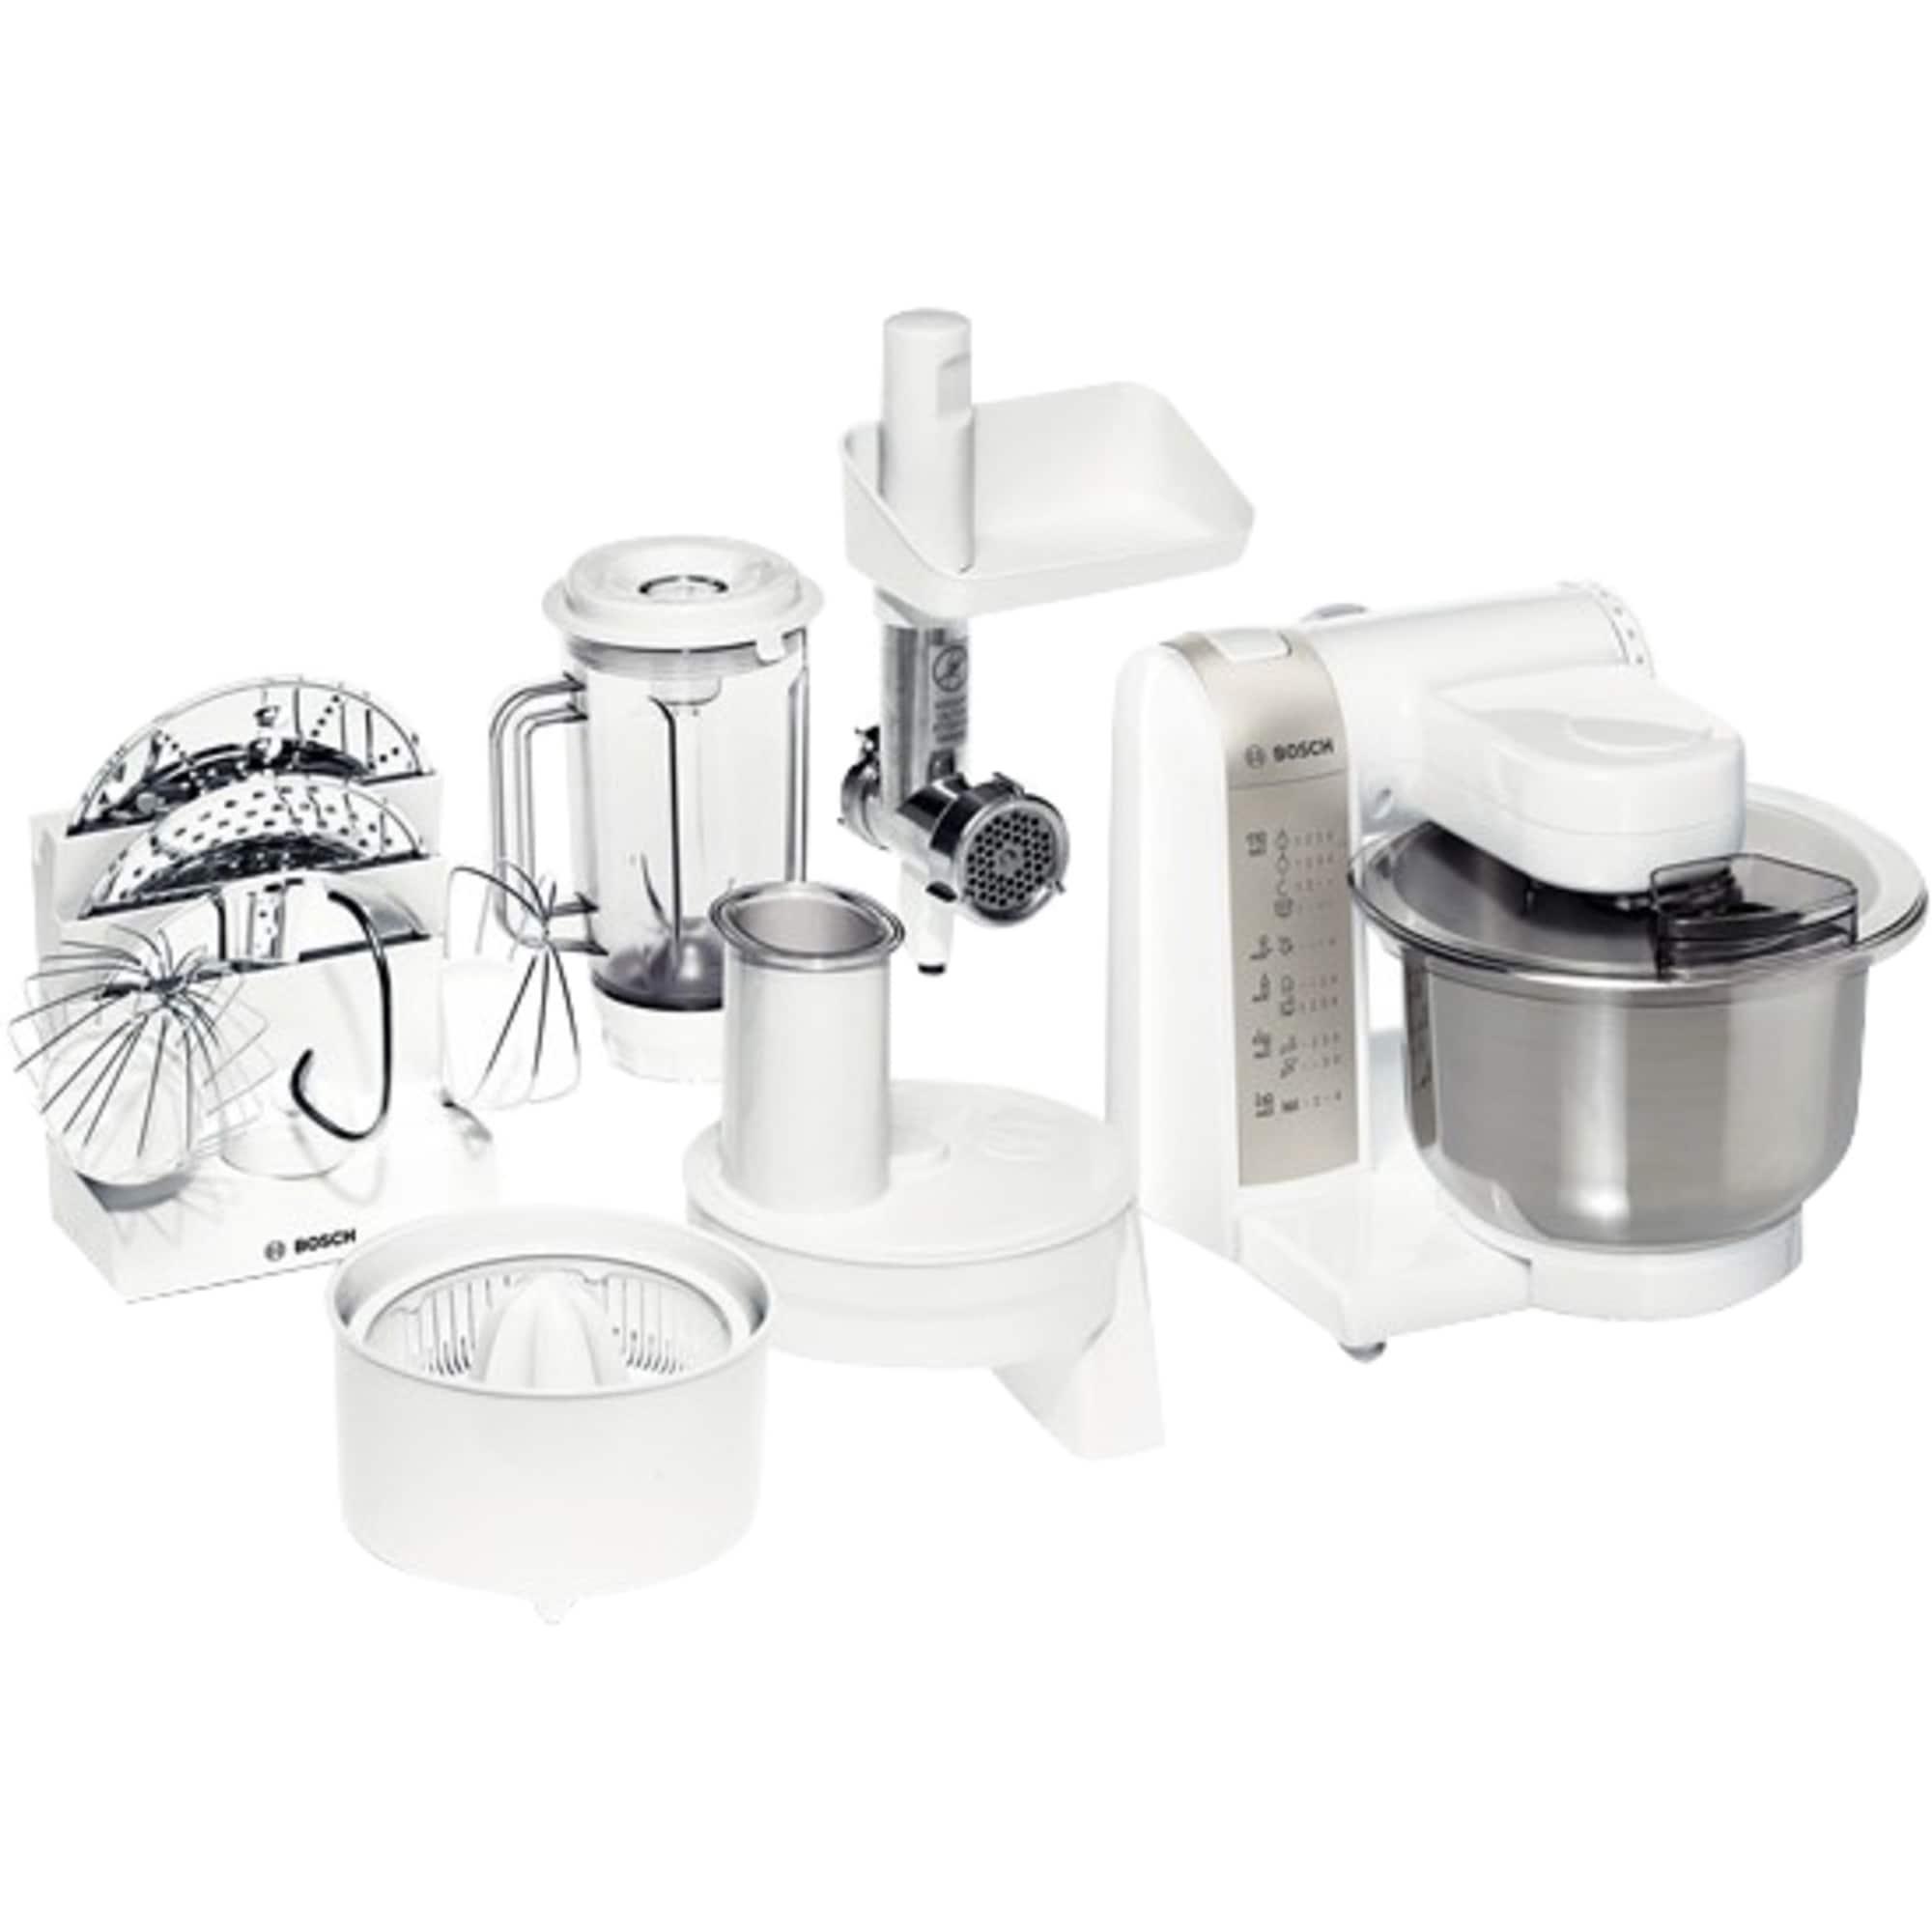 Bosch Küchenmaschine MUM 4880